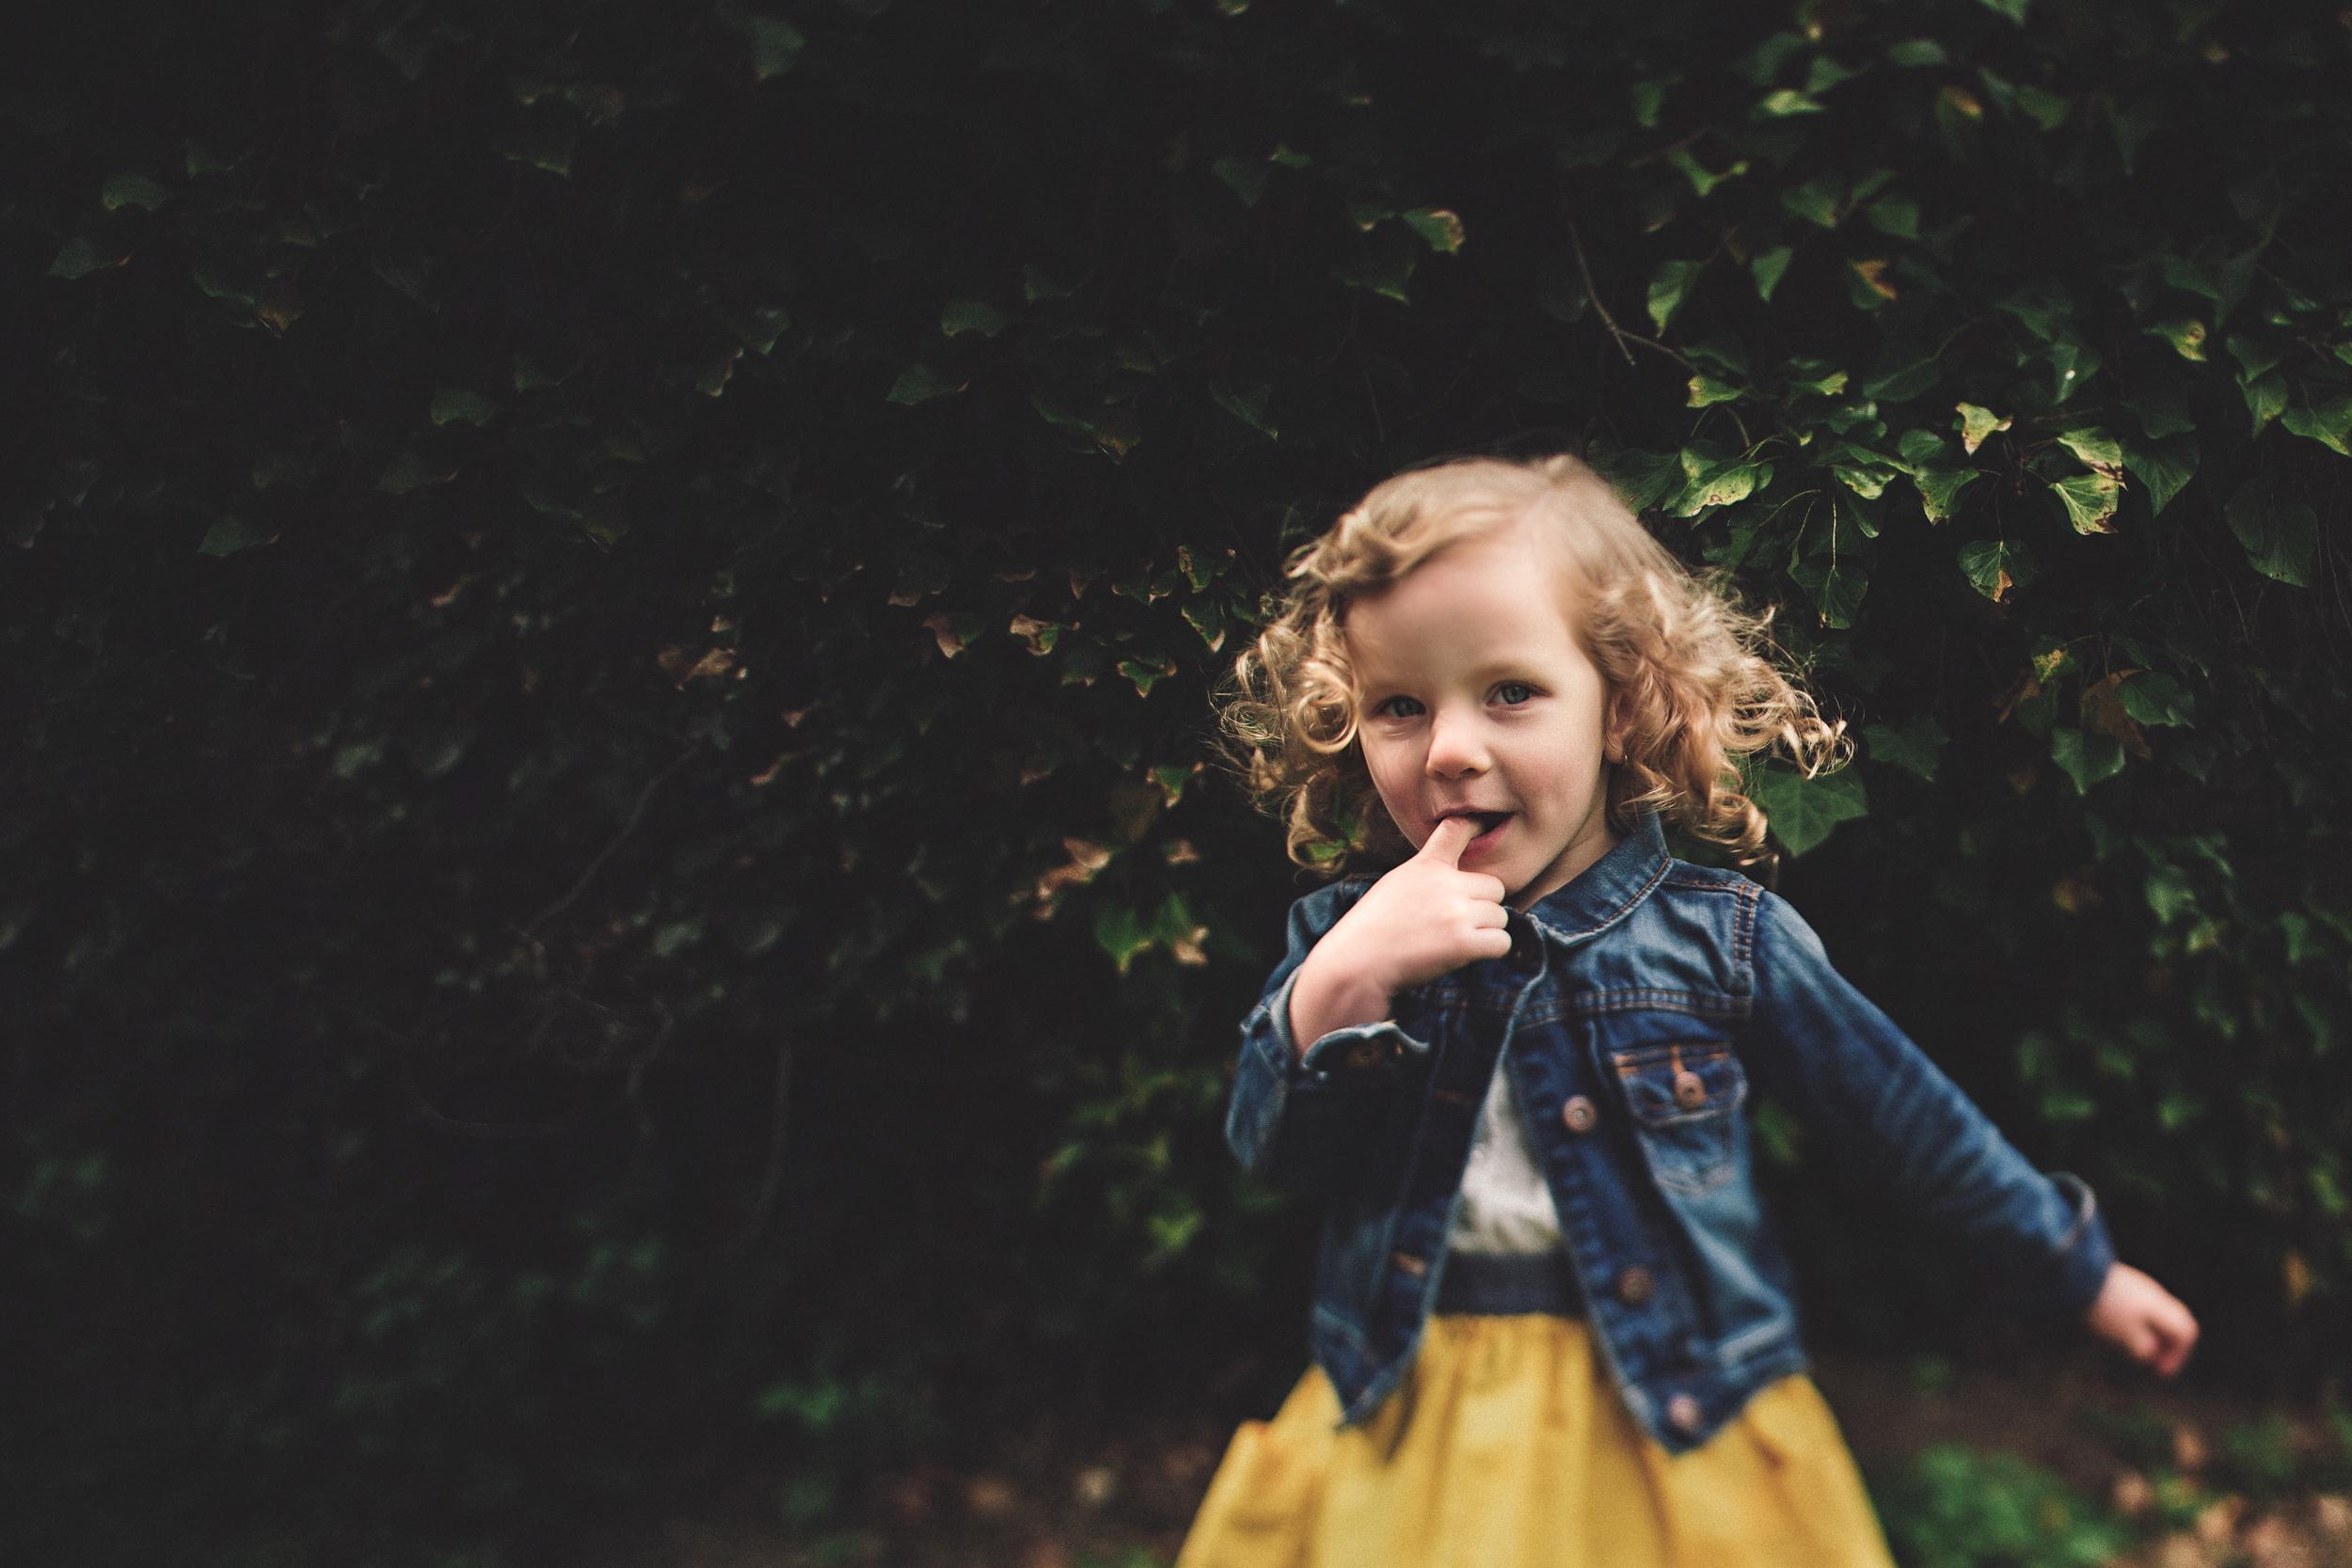 Hello-olivia-photography-Long-island-Children-family-photographer-babylon-yellow-dress-girl-tilt-shift.jpg.jpg